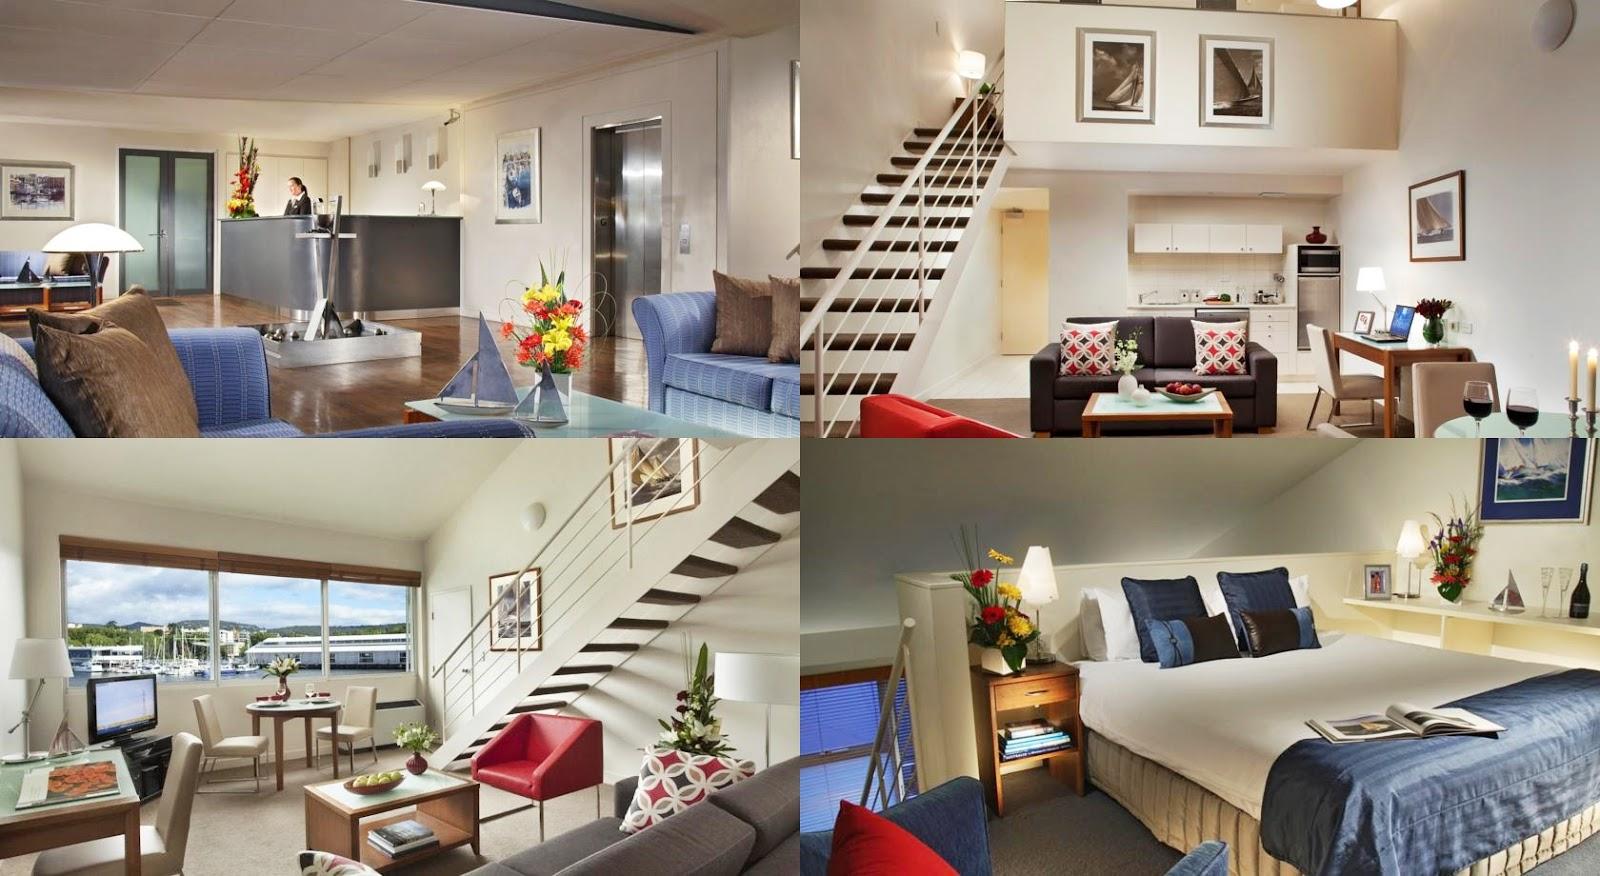 塔斯馬尼亞-住宿-推薦-皮爾薩默塞特酒店-Somerset-on-the-Pier-Hobart-旅館-飯店-酒店-民宿-公寓-澳洲-Tasmania-Hotel-Apartment-Accommodation-Australia